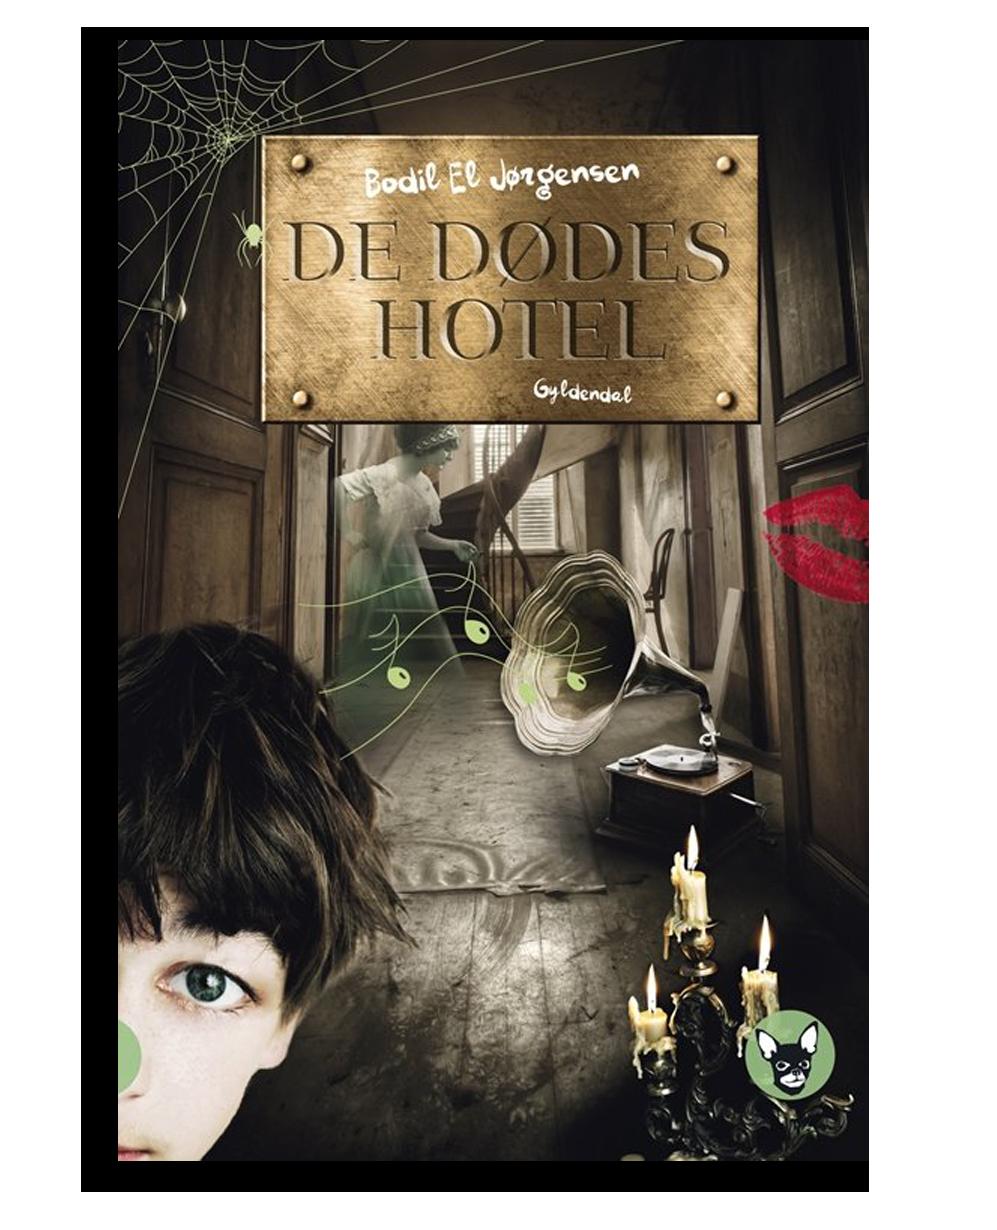 De dødes hotel _2.png